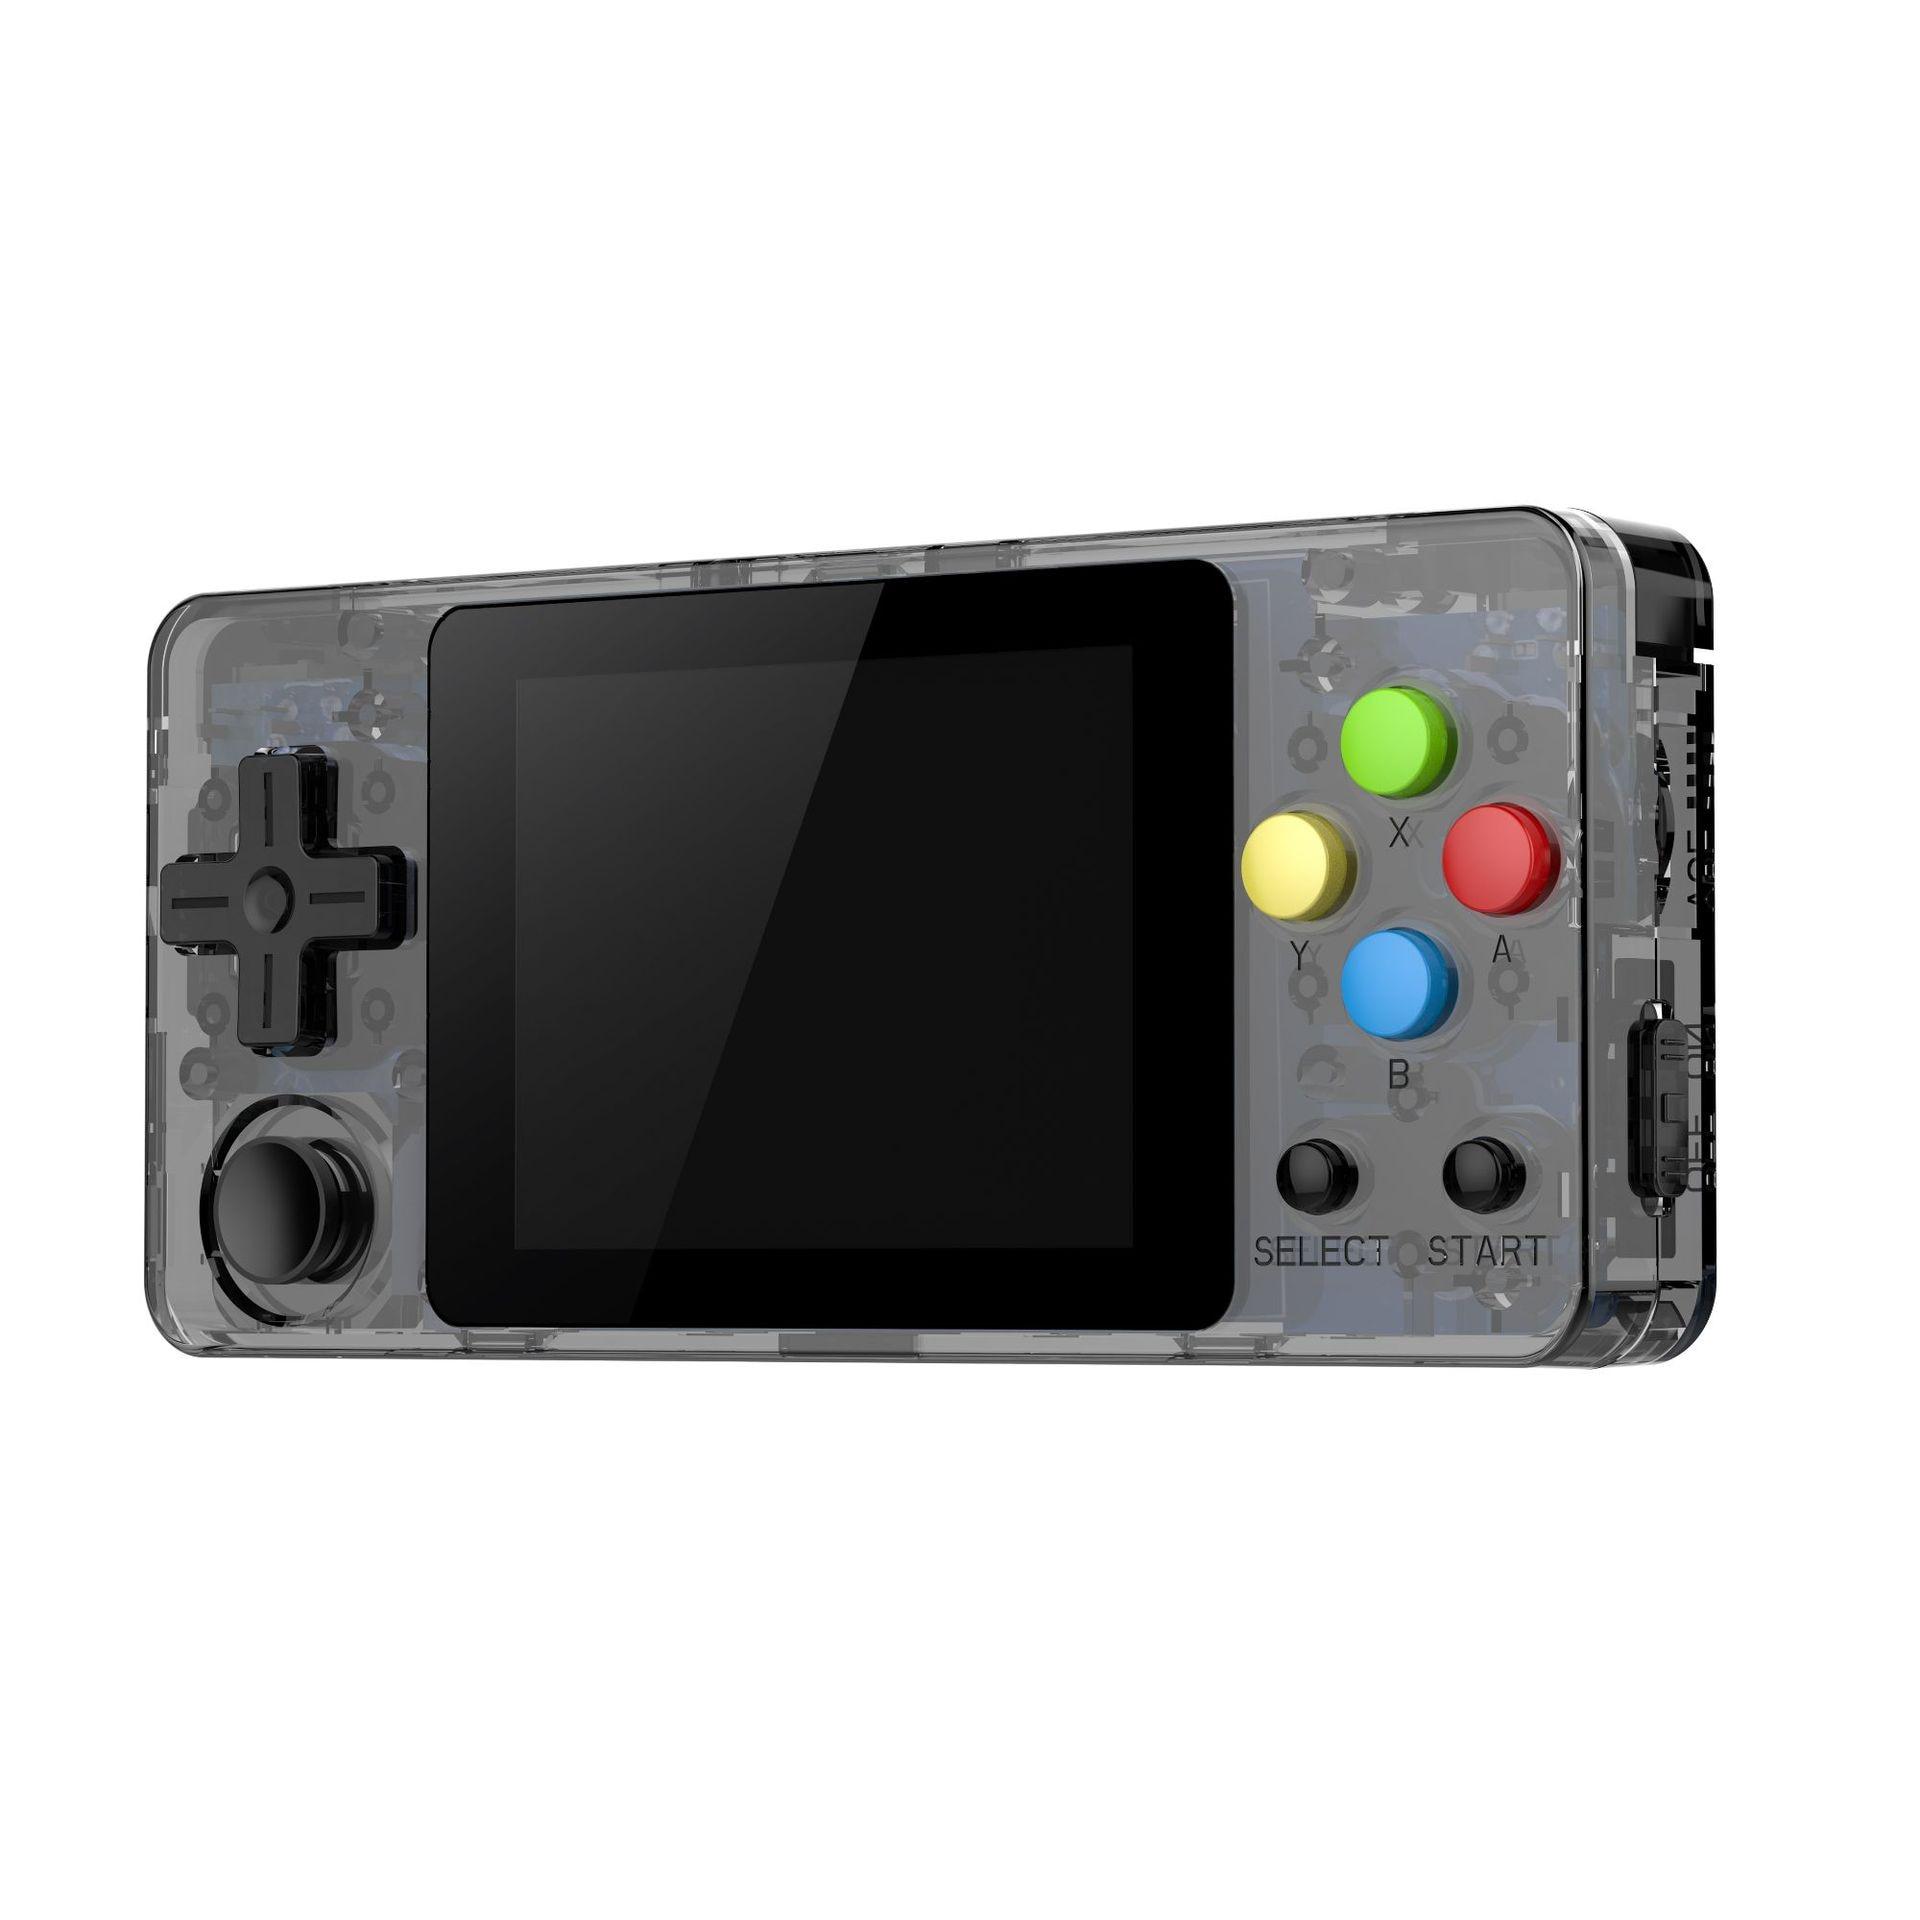 LDK jeu 2.7 pouces écran Mini Console de jeu portable nostalgique enfants rétro jeu Mini famille TV Consoles vidéo